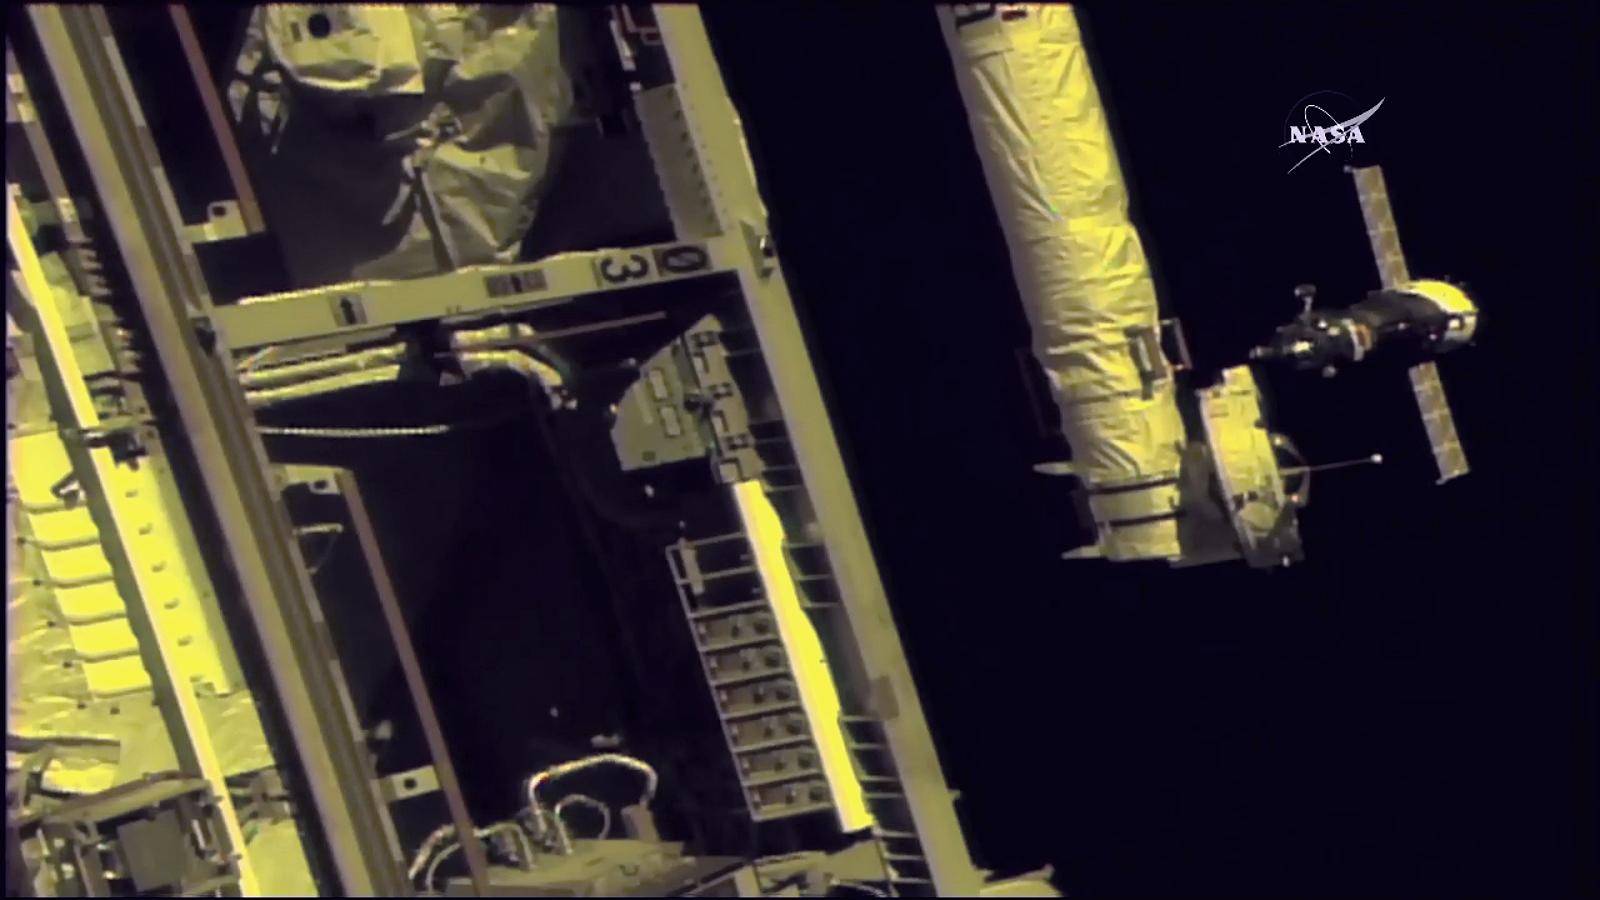 Soyuz MS-06 dokujący doMiędzynarodowej Stacji Kosmicznej.